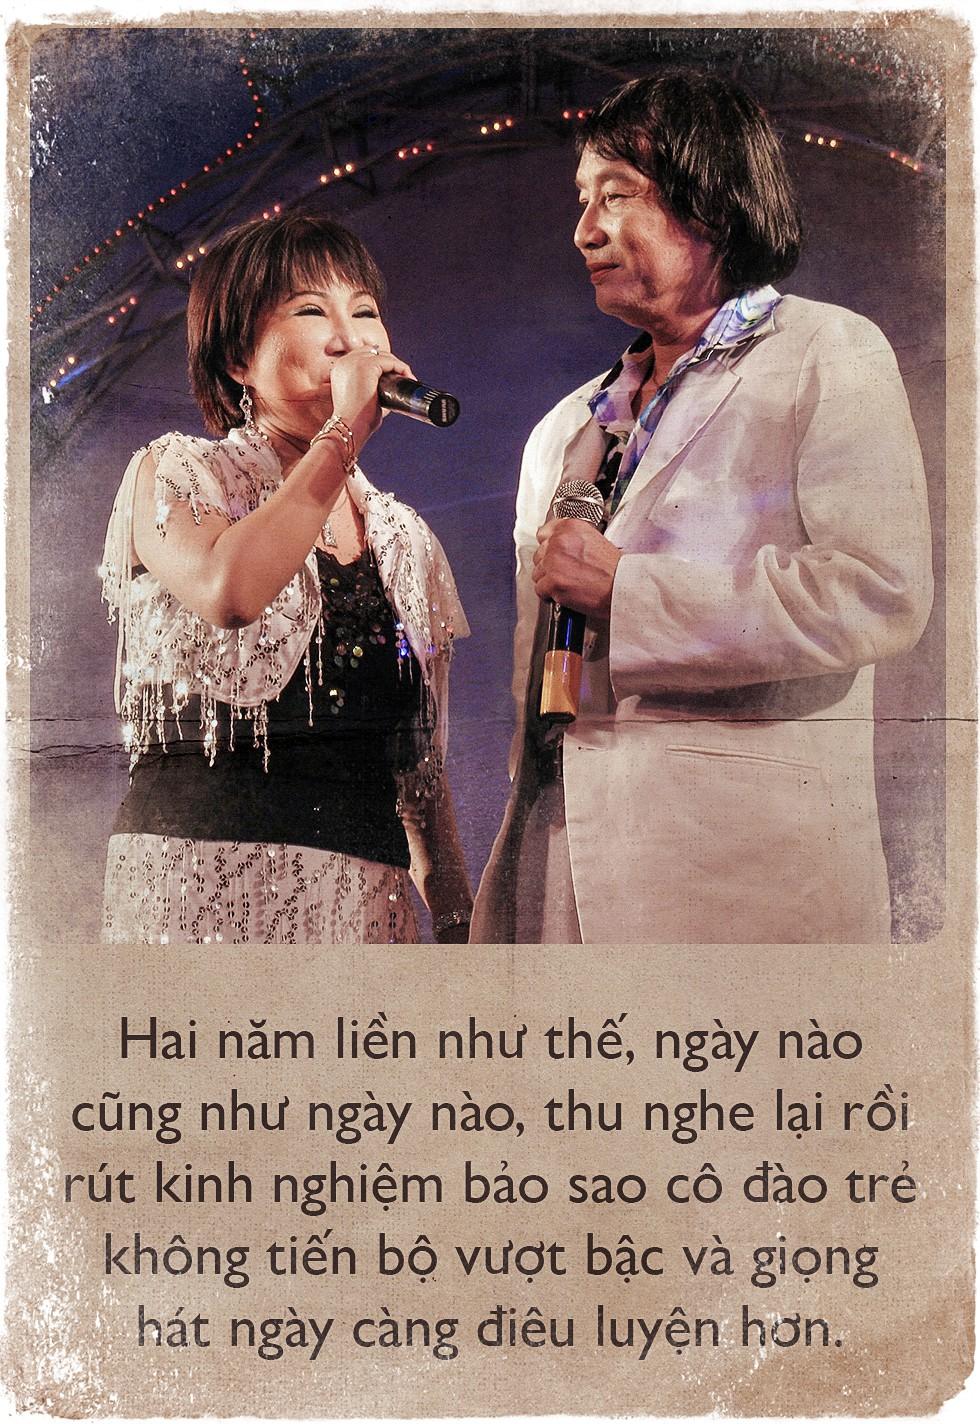 Ngọt lịm giọng ca cải lương của Thanh Kim Huệ - Ảnh 6.